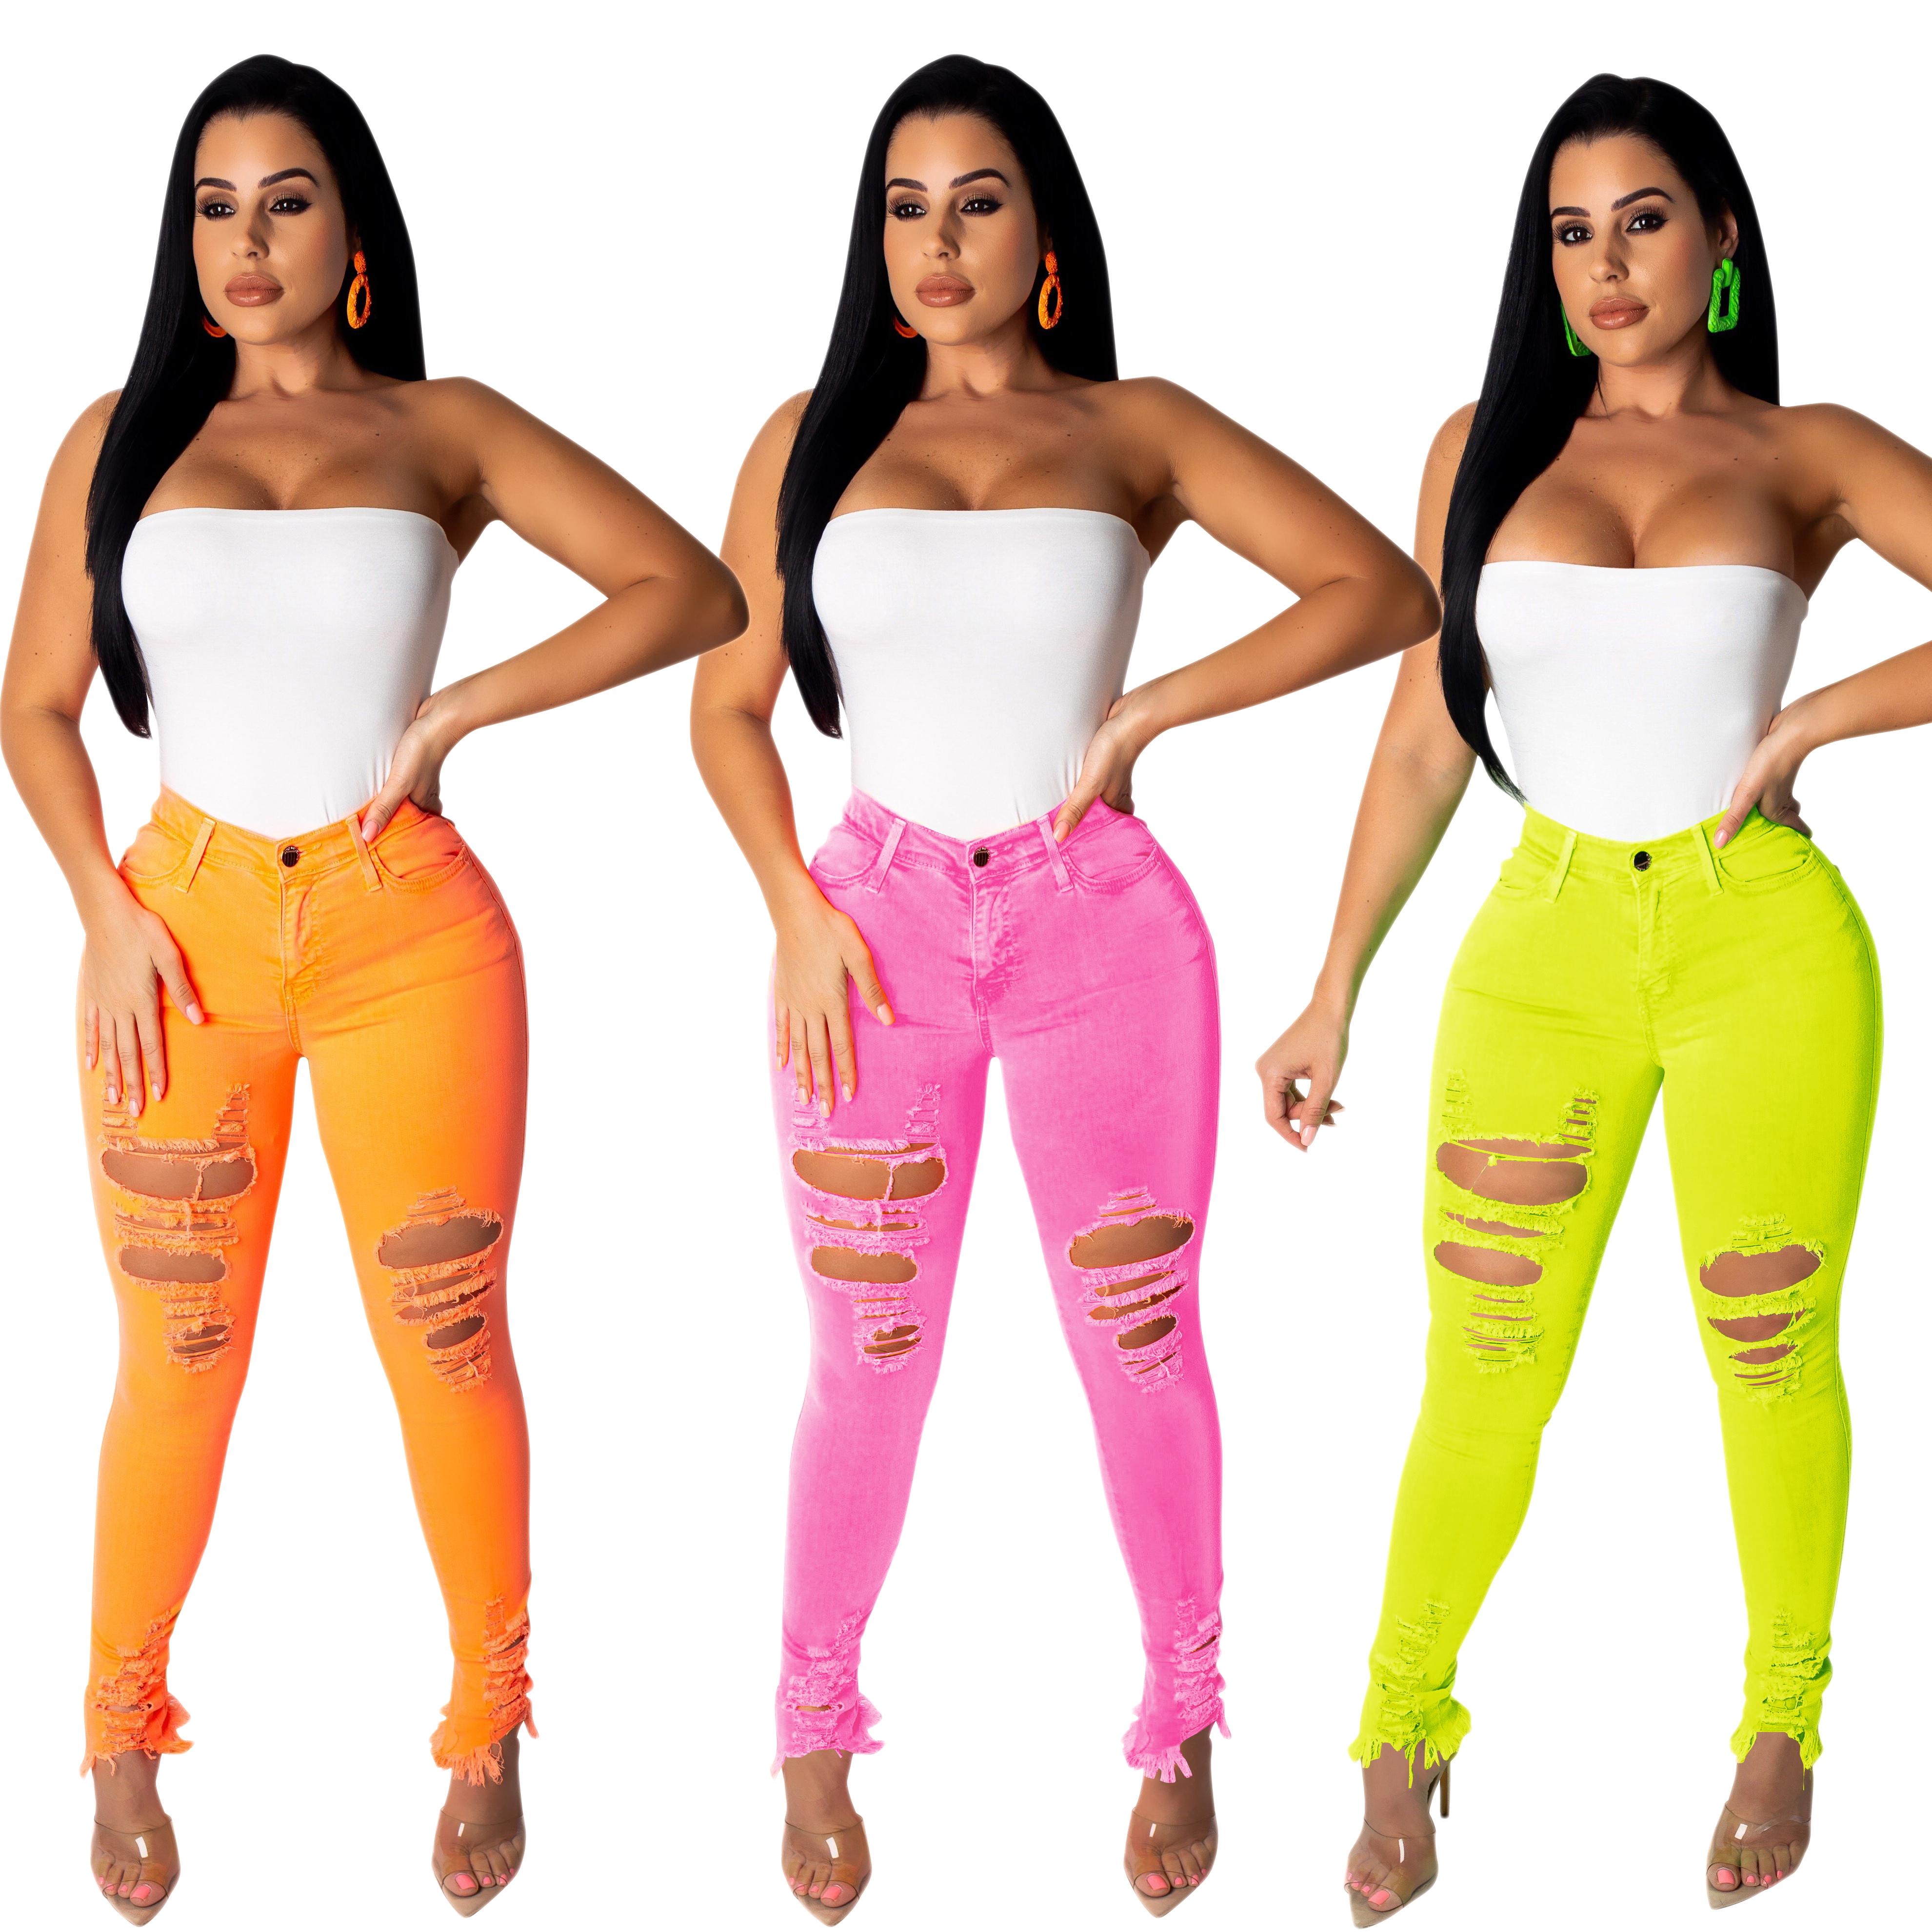 Venta Al Por Mayor Chicas En Pantalon Sexis Compre Online